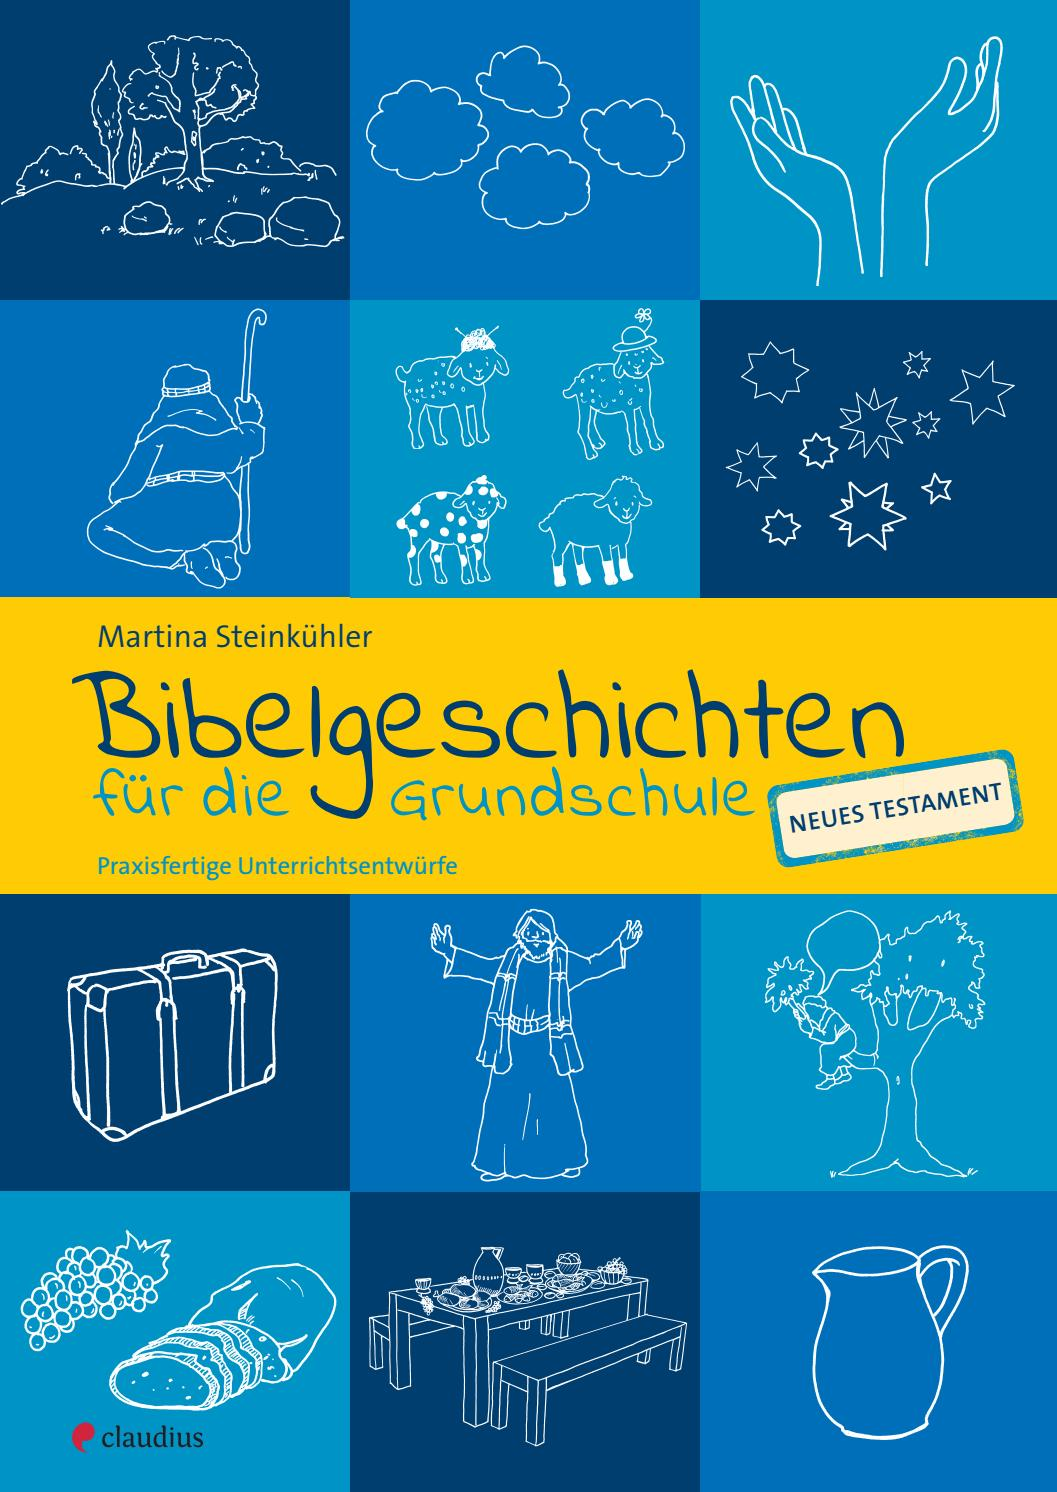 Steinkühler Martina Bibelgeschichten Für Die Grundschule